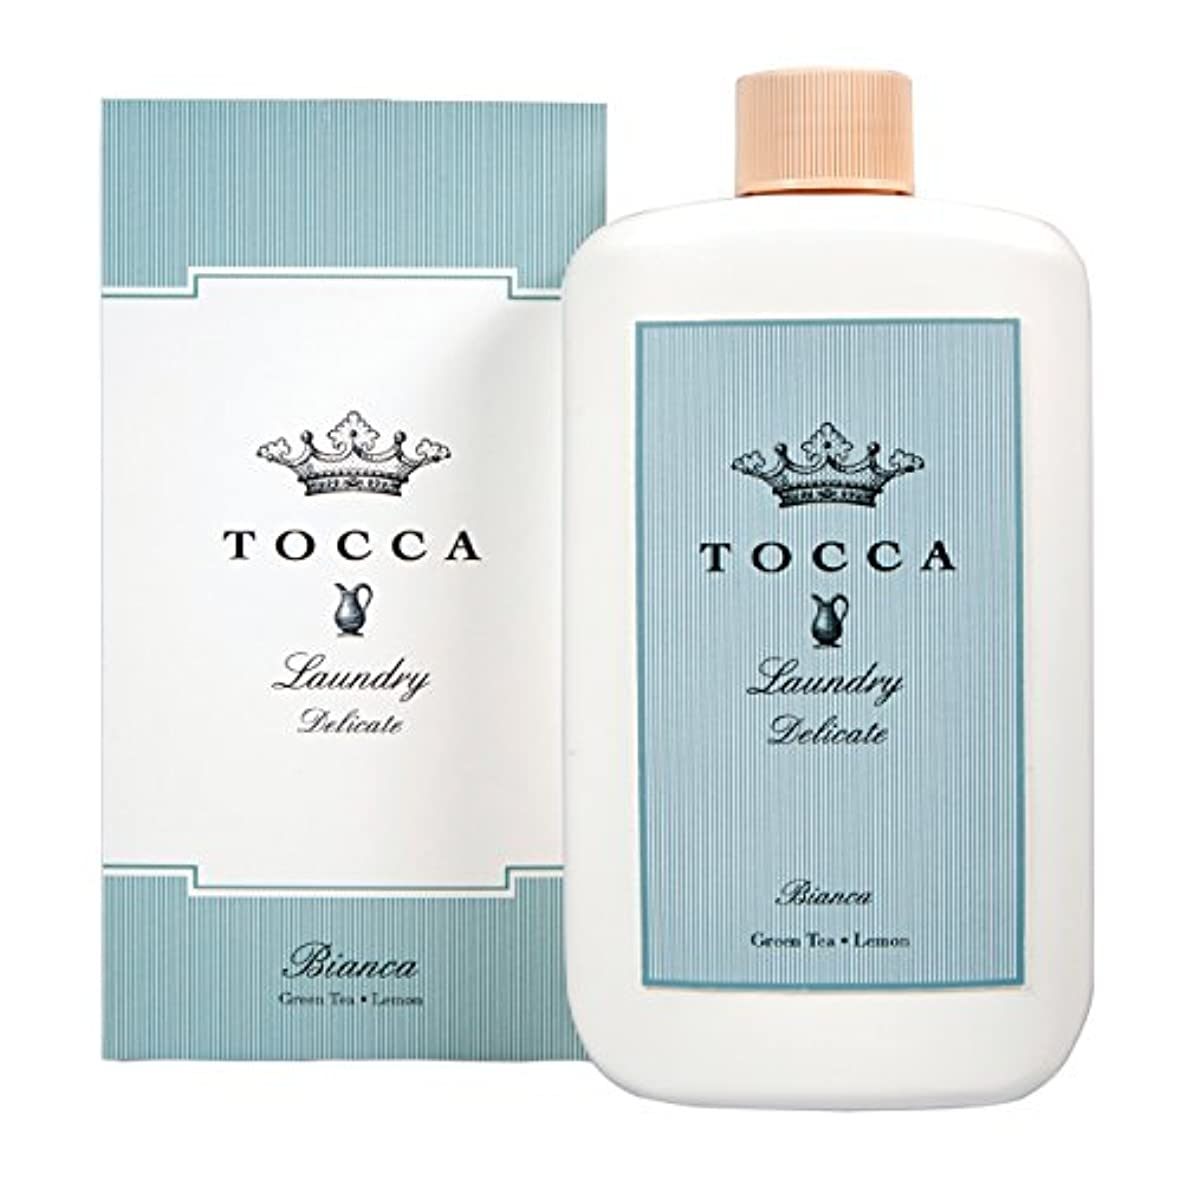 デイジーミニイースタートッカ(TOCCA) ランドリーデリケート ビアンカの香り 235ml (デリケート素材用洗剤 洗濯用合成洗剤 シトラスとグリーンティー、ローズが絶妙に溶け合ったほのかに甘さ漂うフレッシュな香り)